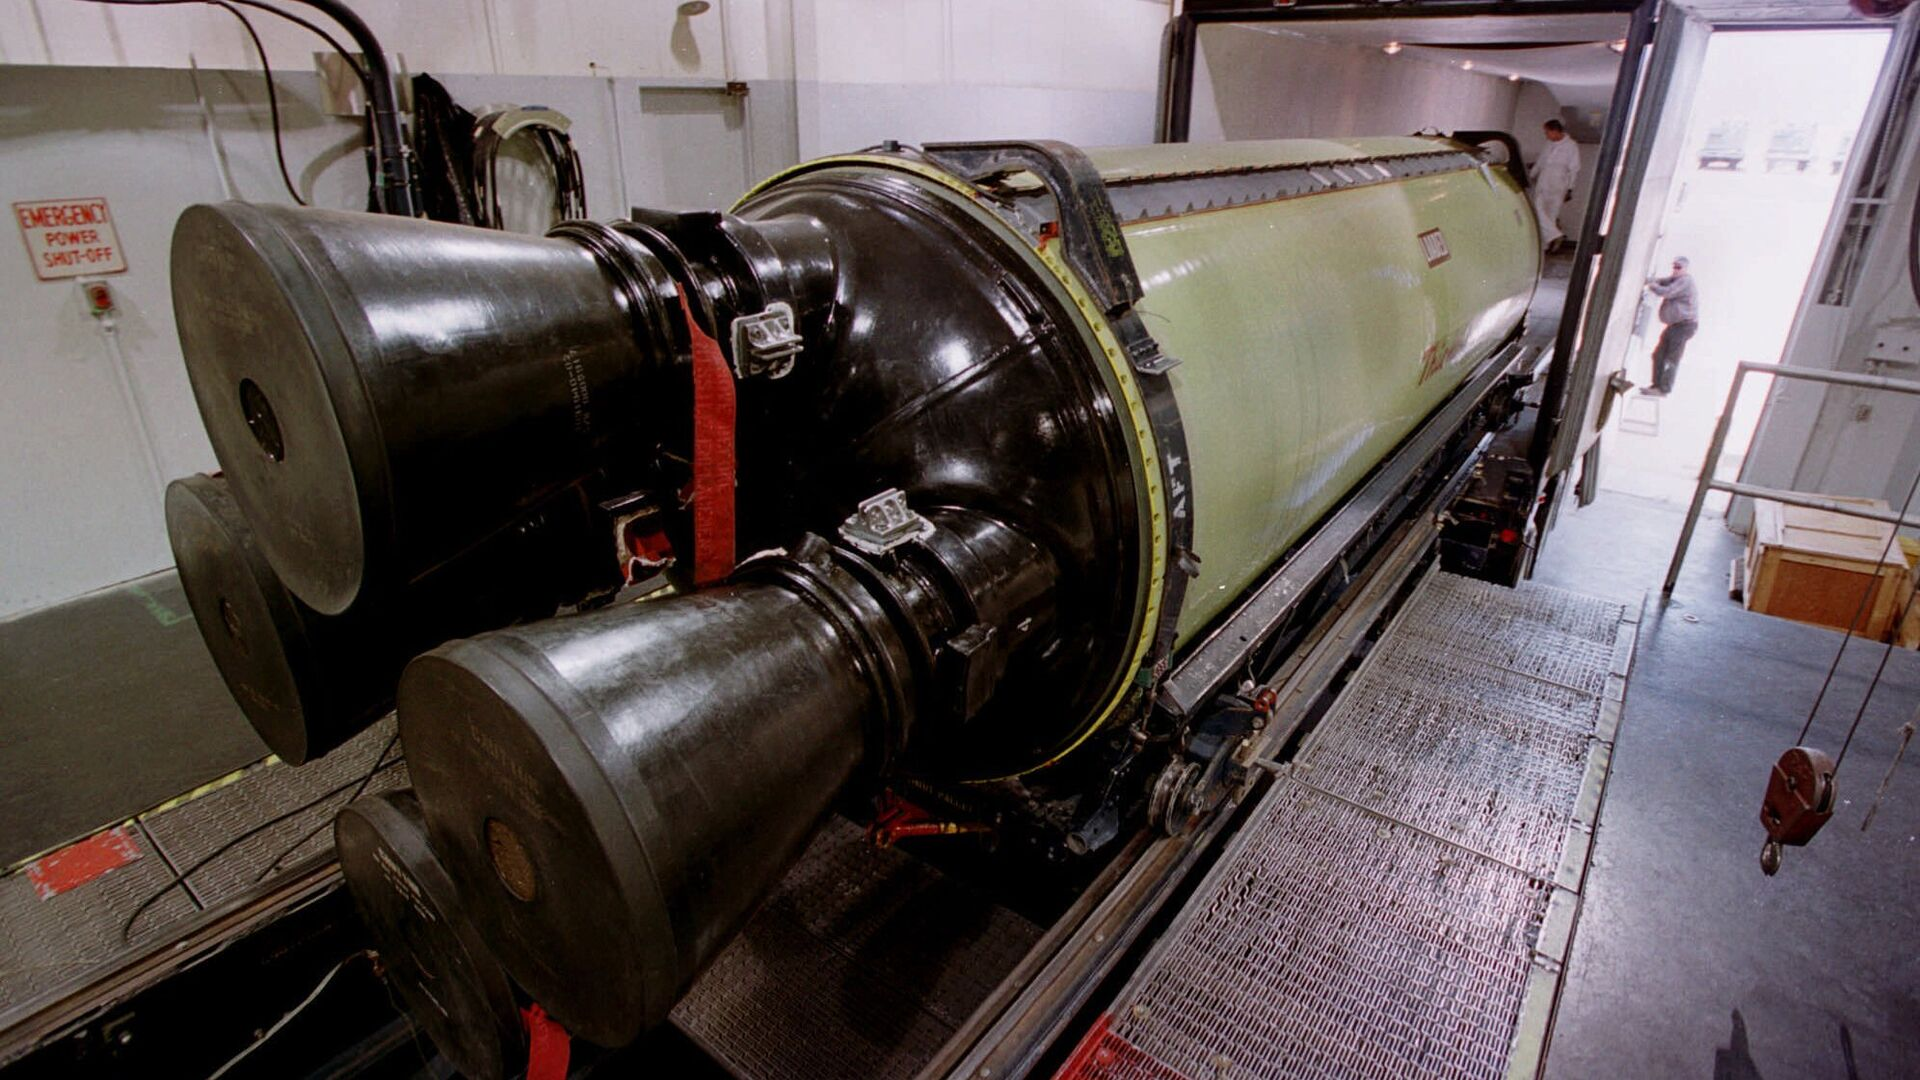 Погрузка межконтинентальной баллистической ракеты Minuteman III для перевозки на военную базу в штат Юта. 2002 год  - РИА Новости, 1920, 26.10.2020